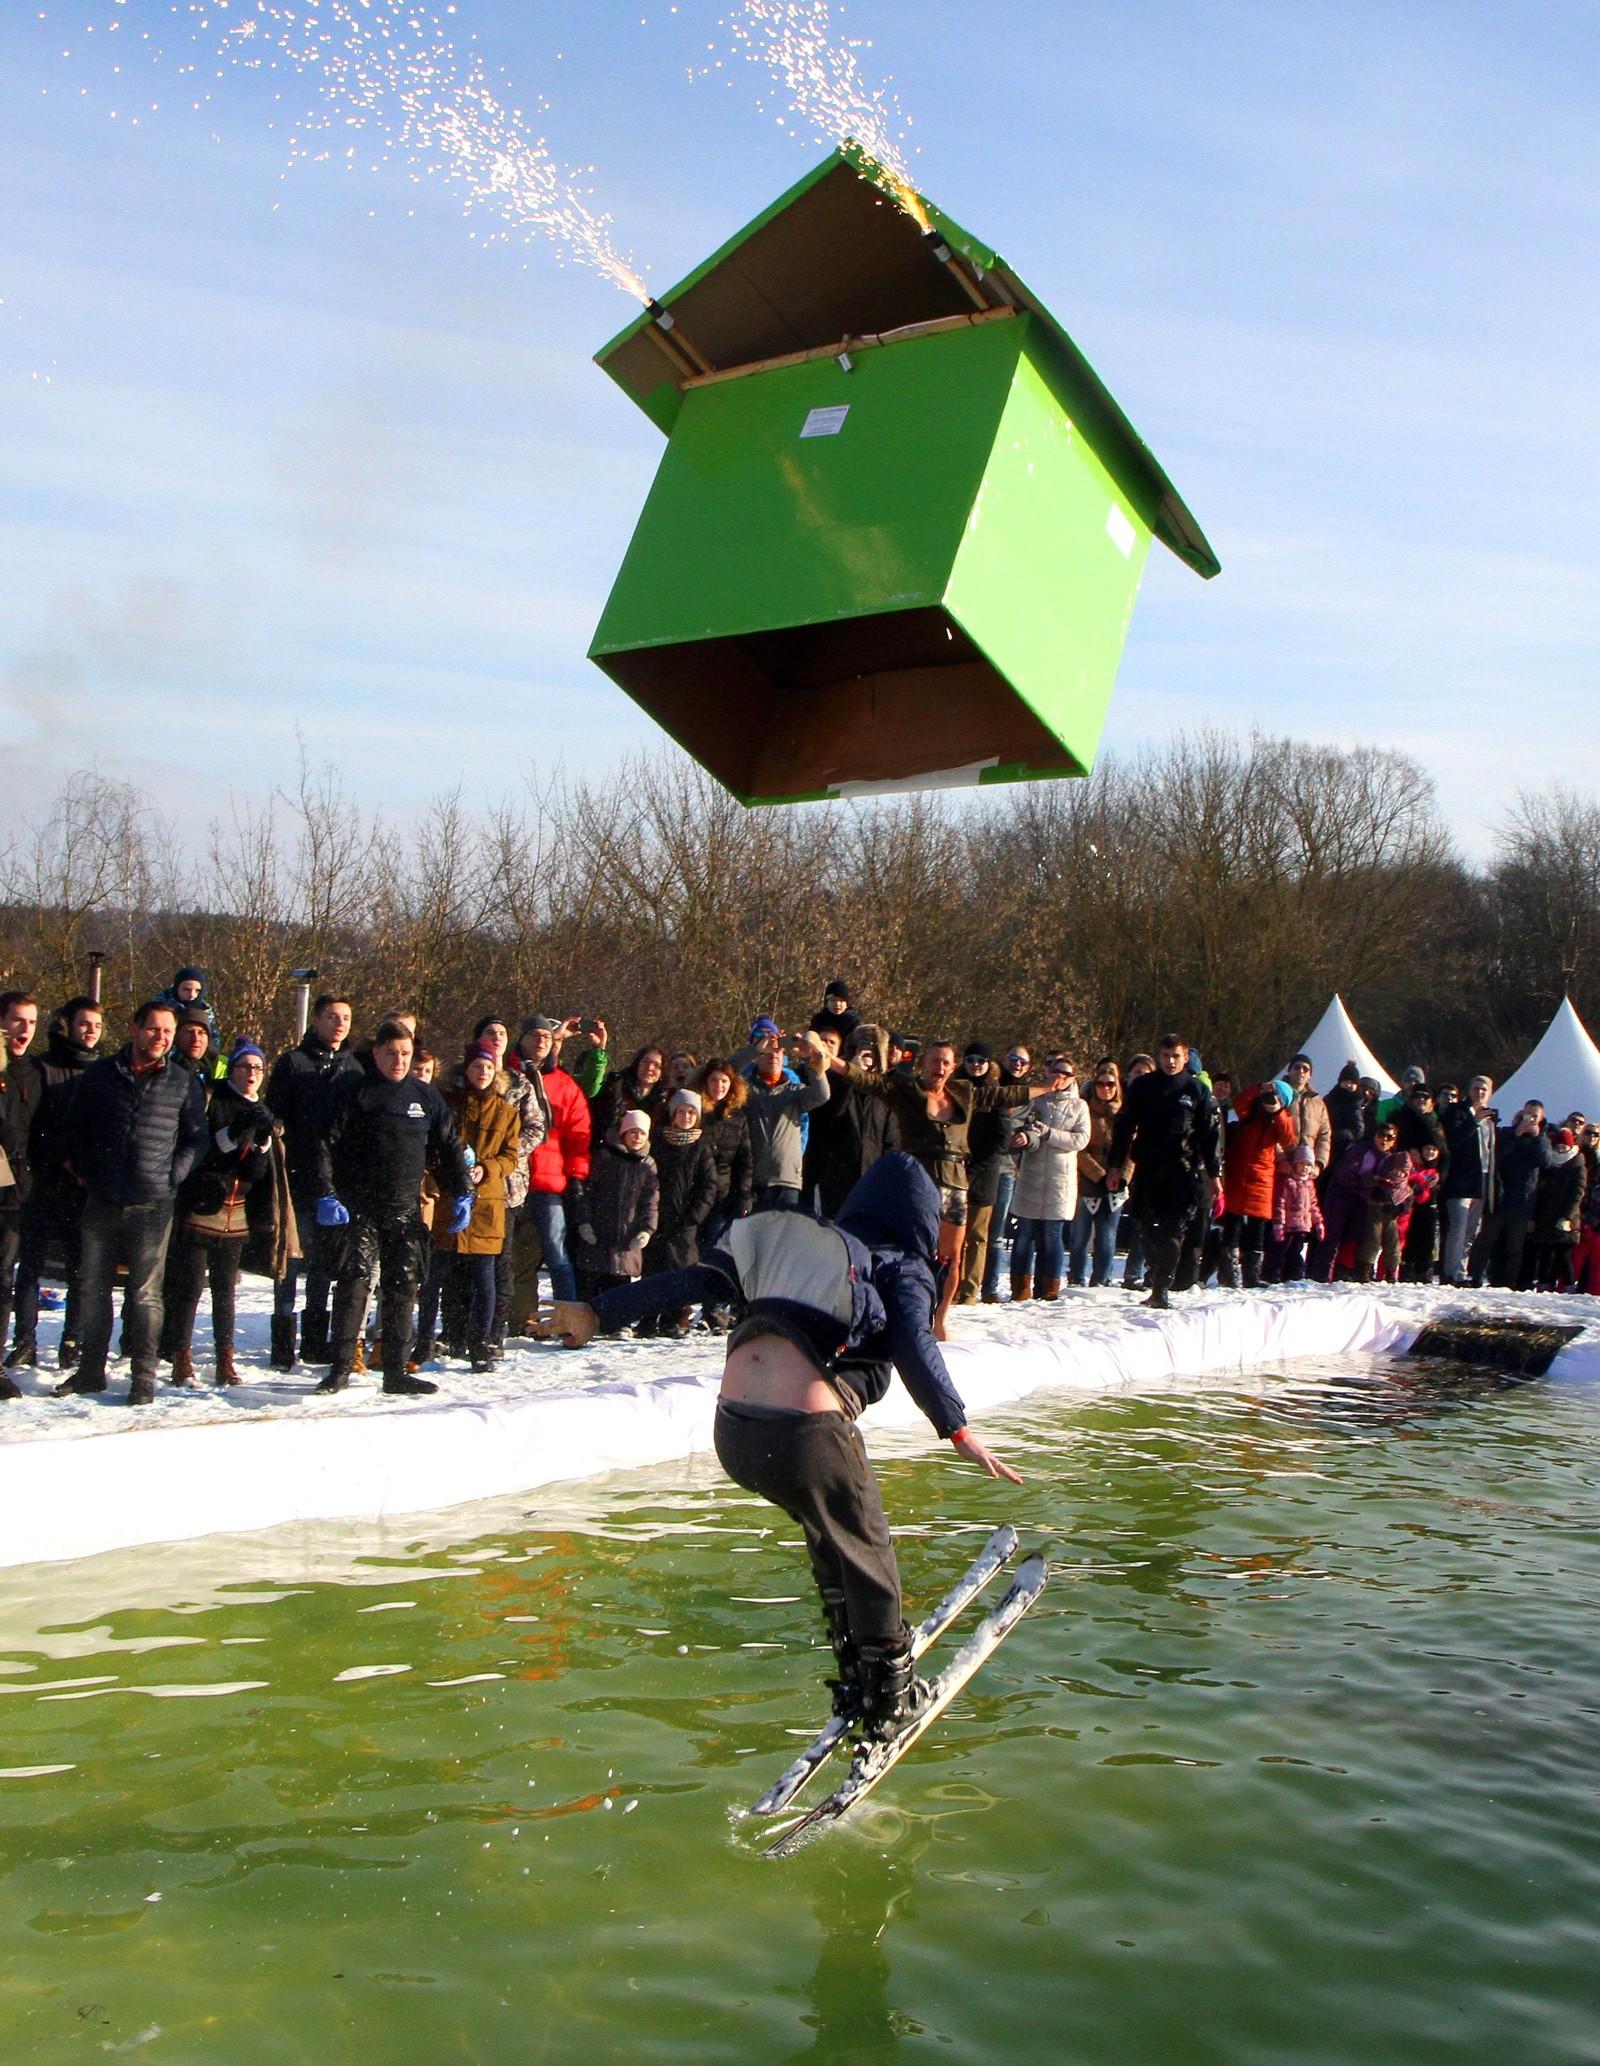 Petras Malukas deltar i arrangementet Jump and Freeze i Vilnius i Litauen.